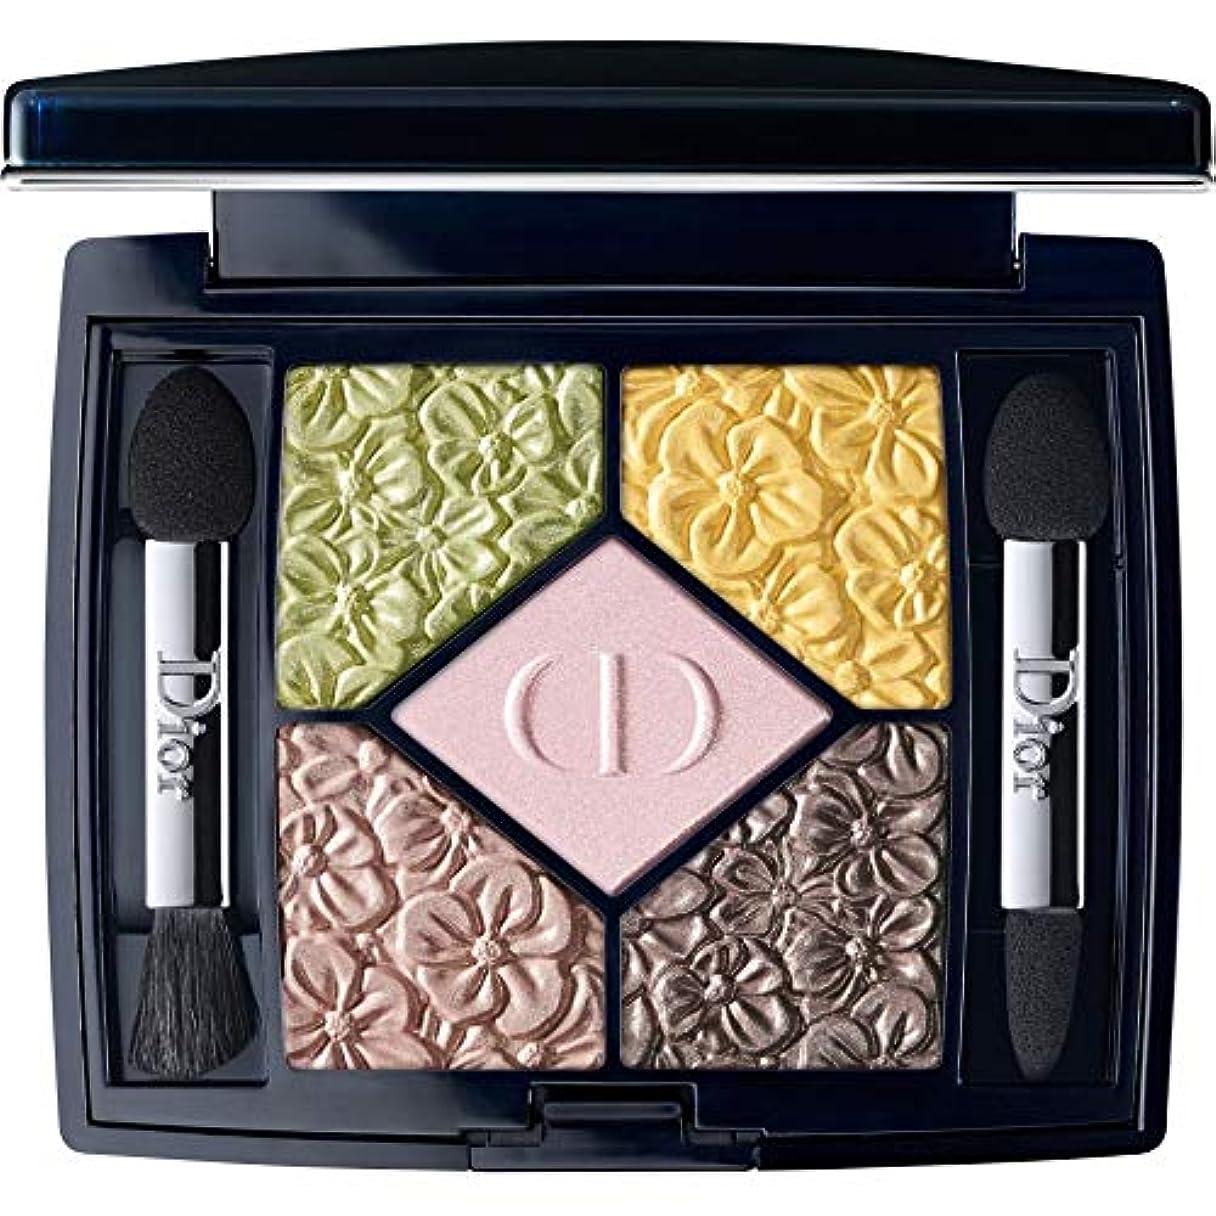 アレルギーキャッチ手段[Dior ] ディオールの庭園版クチュールカラー&エフェクトアイシャドウパレット4.5グラム451を輝く5 Couleursは - バラ園 - DIOR 5 Couleurs Glowing Gardens Edition...